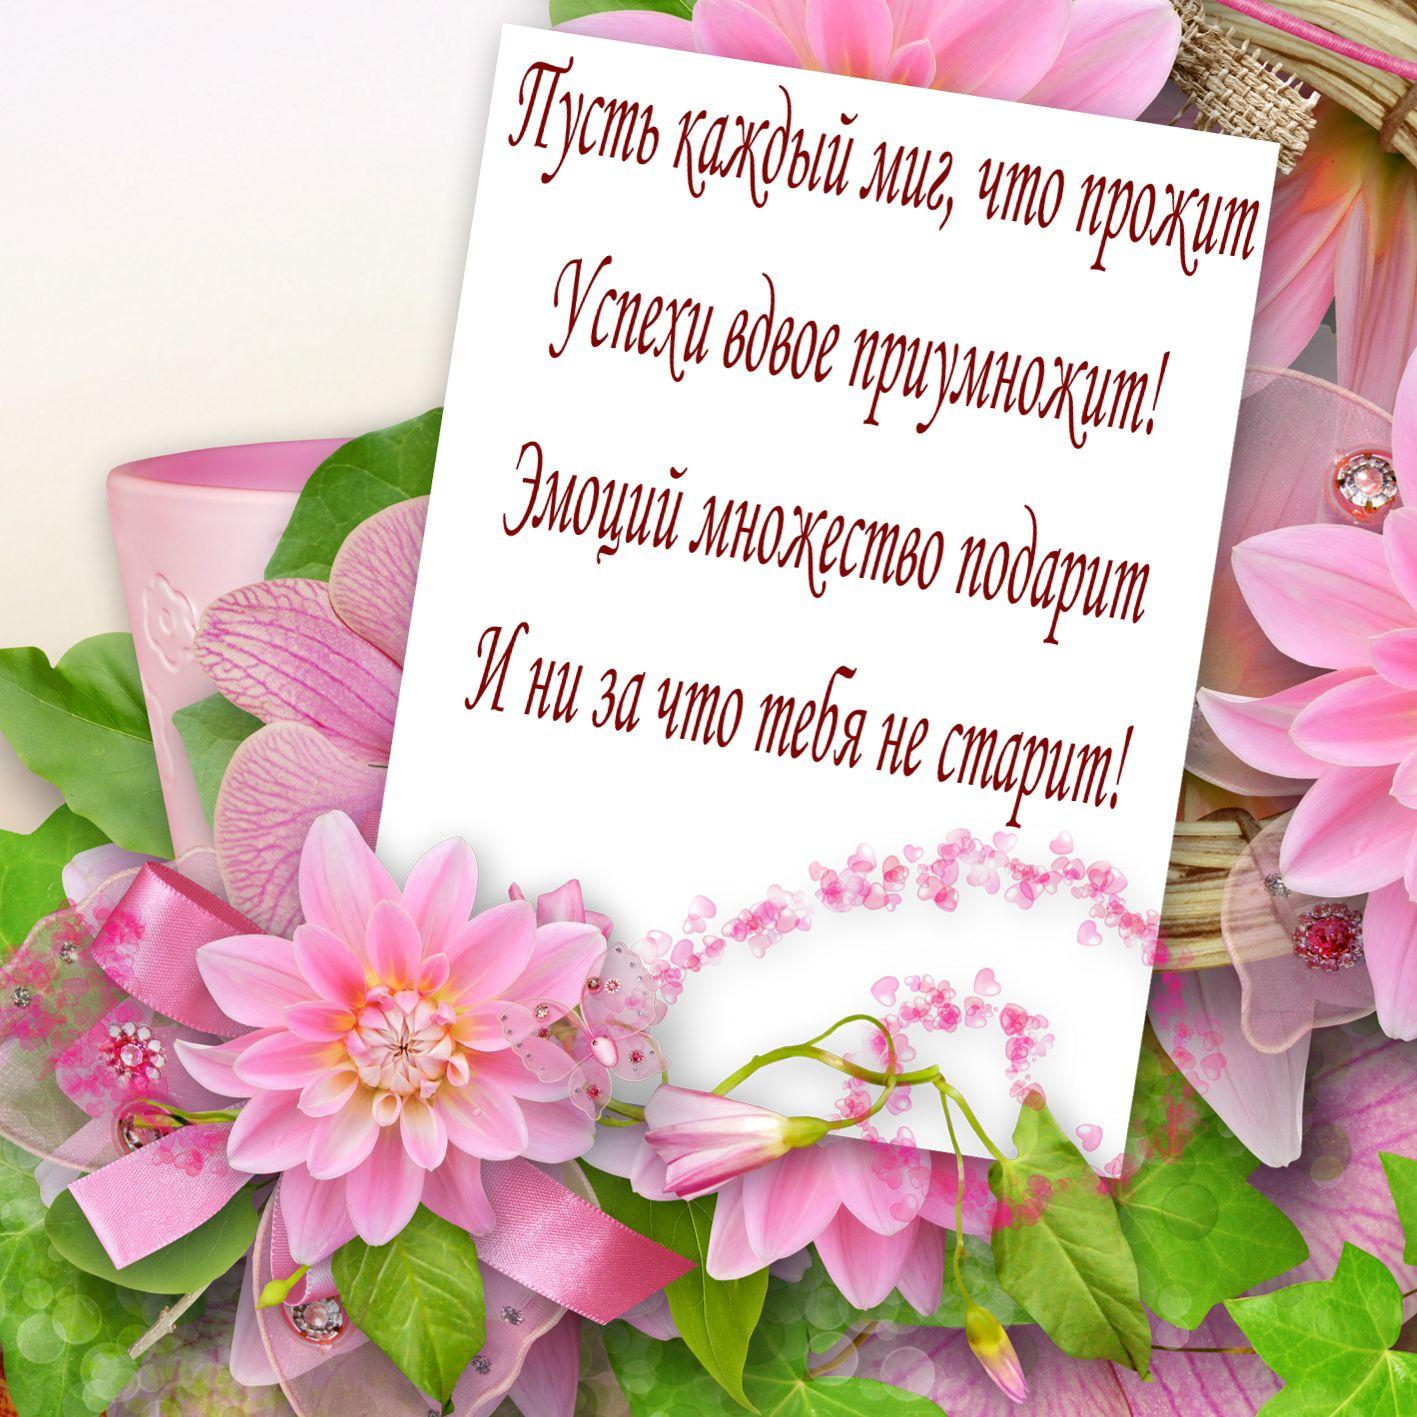 Пожелание на фоне из цветов